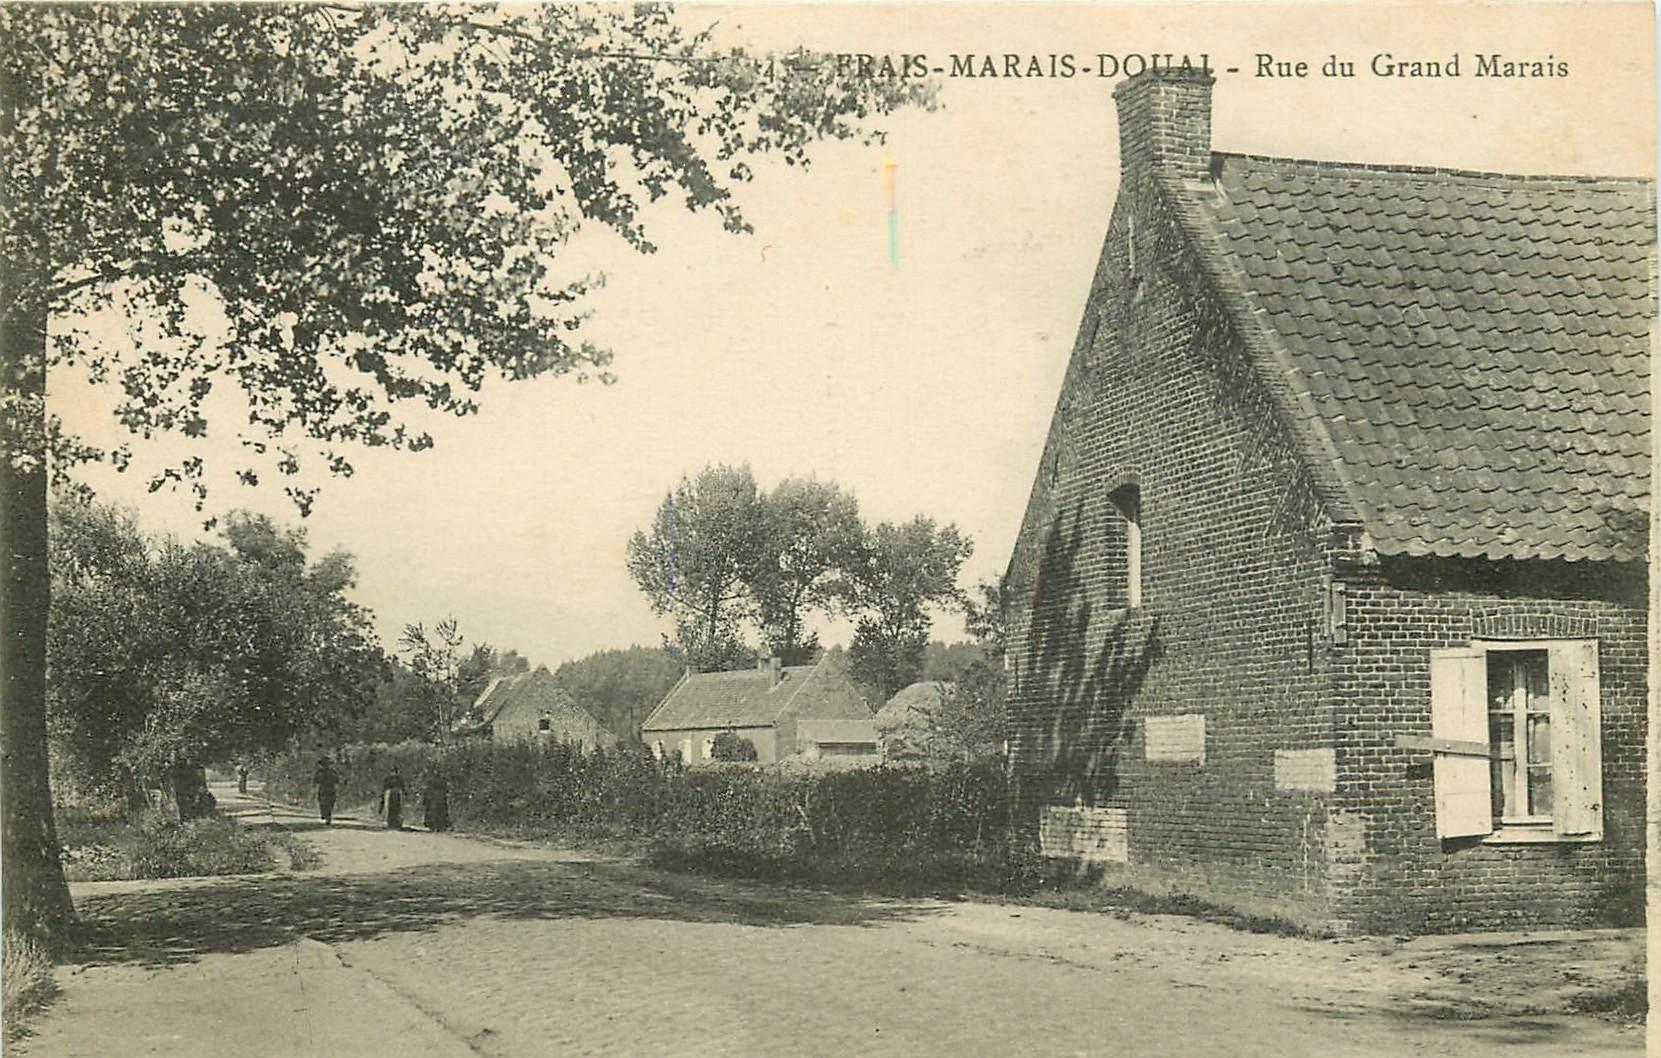 WW 59 FRAIS-MARAIS-DOUAI